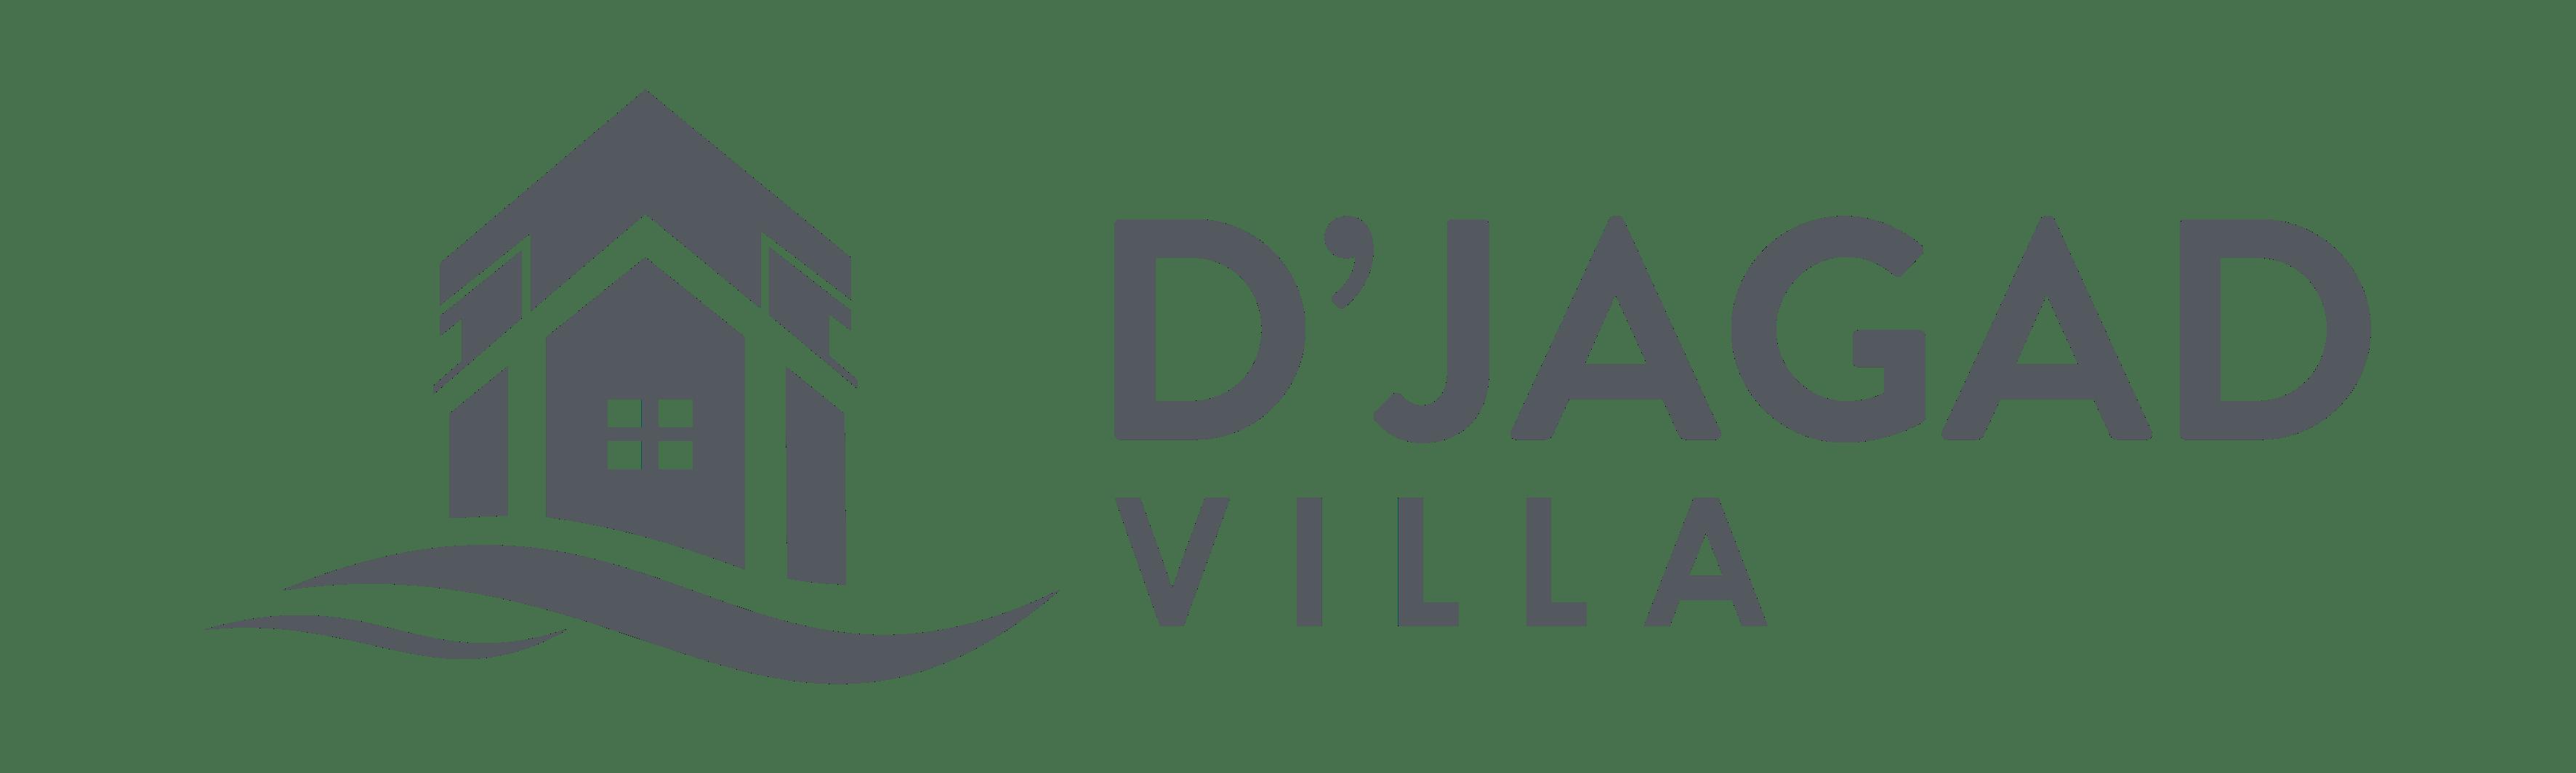 logo villa bw